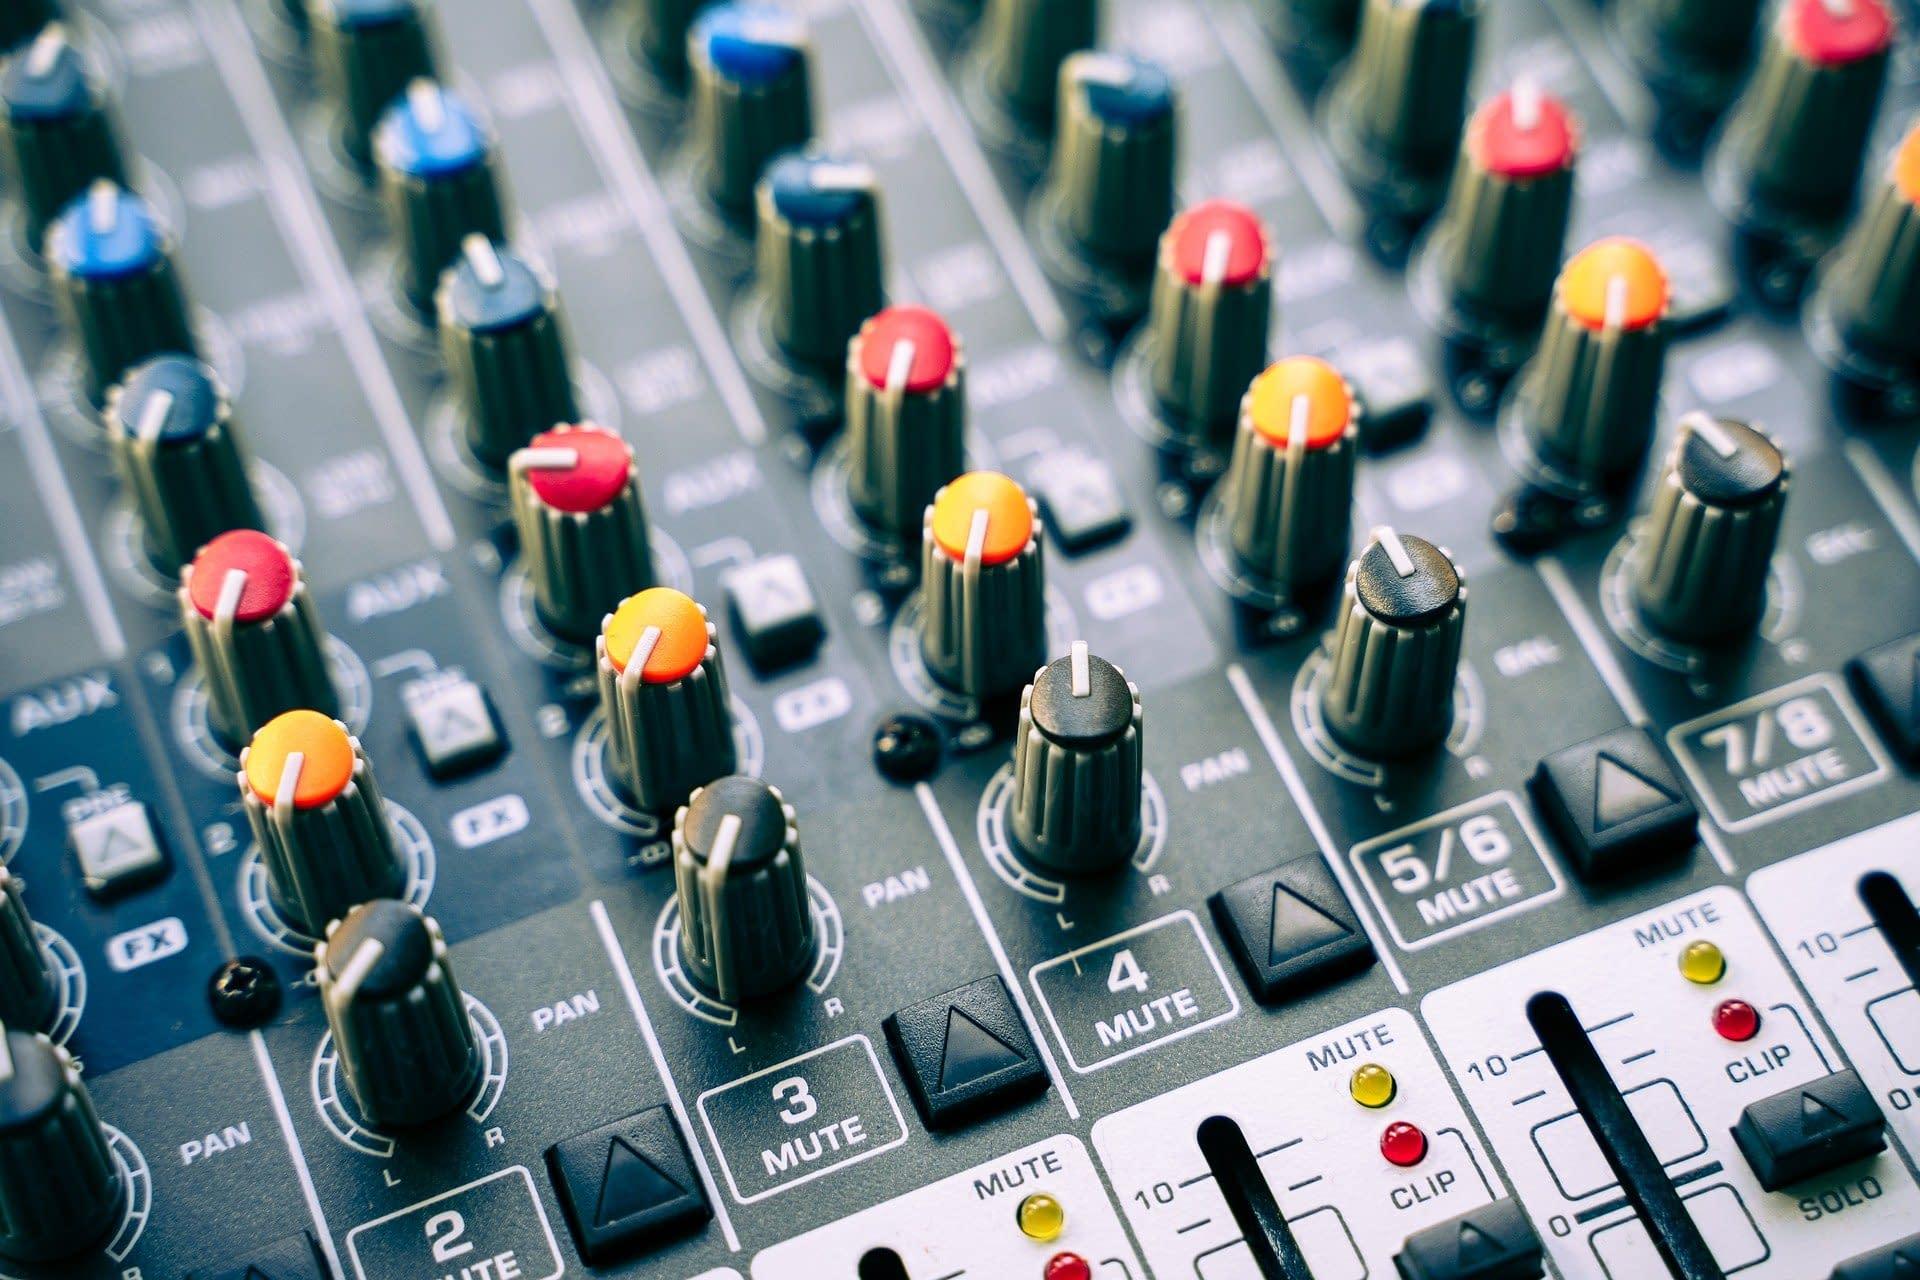 mesa de mezclas con auriculares